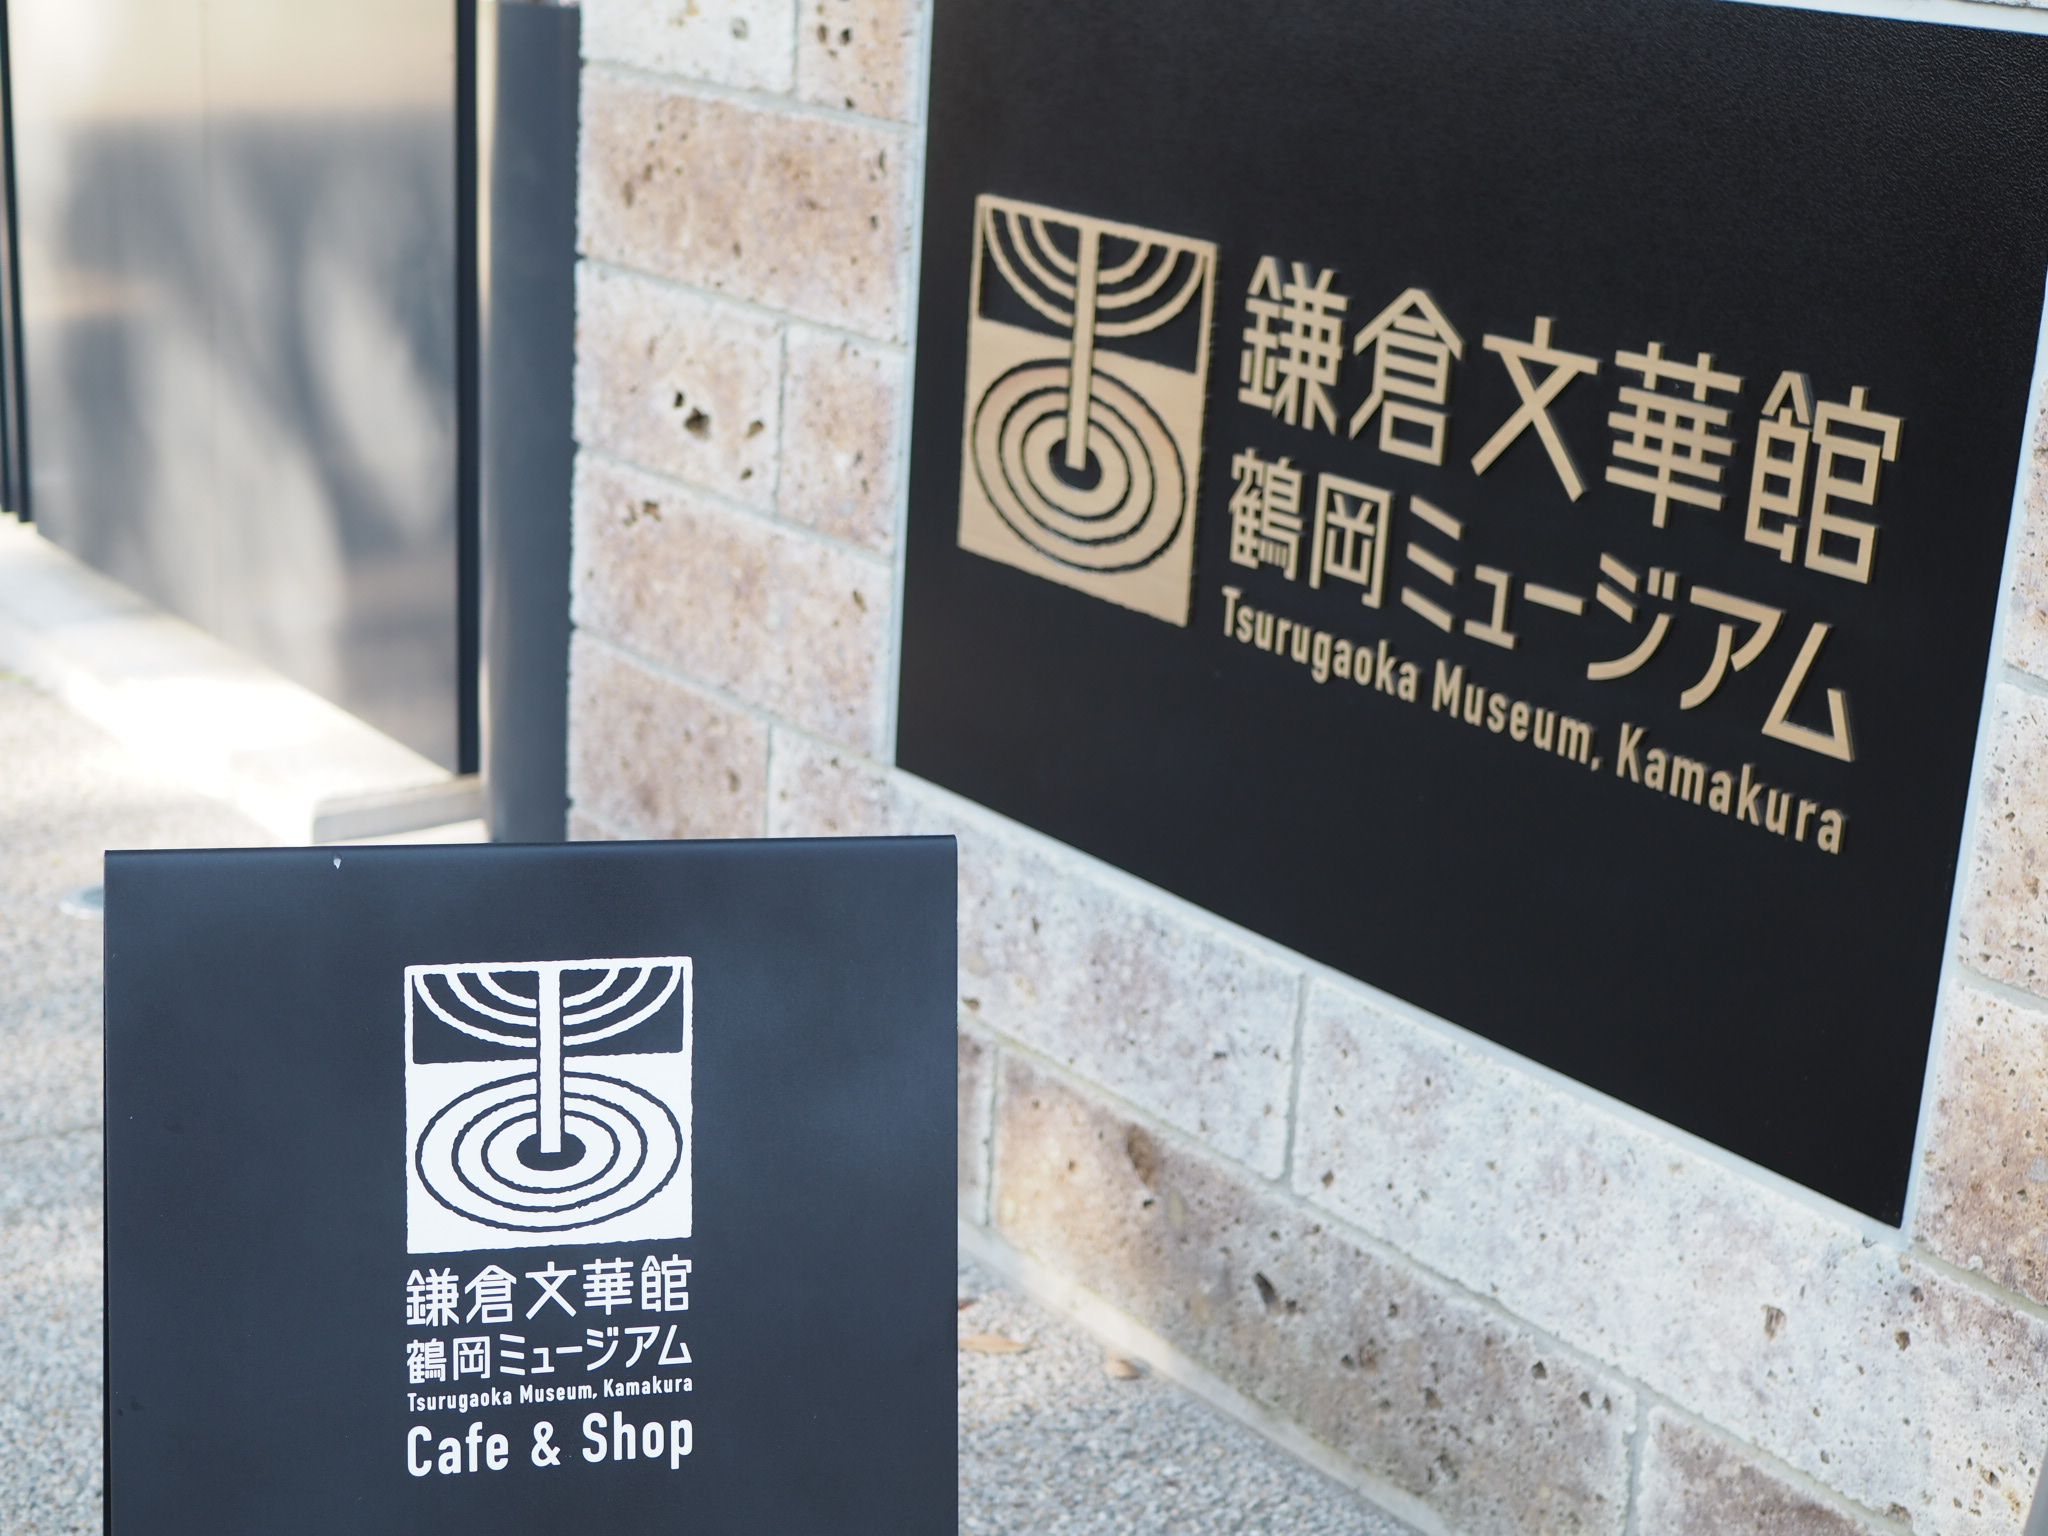 【#秋の鎌倉さんぽ】紅葉の鶴ヶ丘八幡宮♡ あの銀杏に会えるカフェ。_6